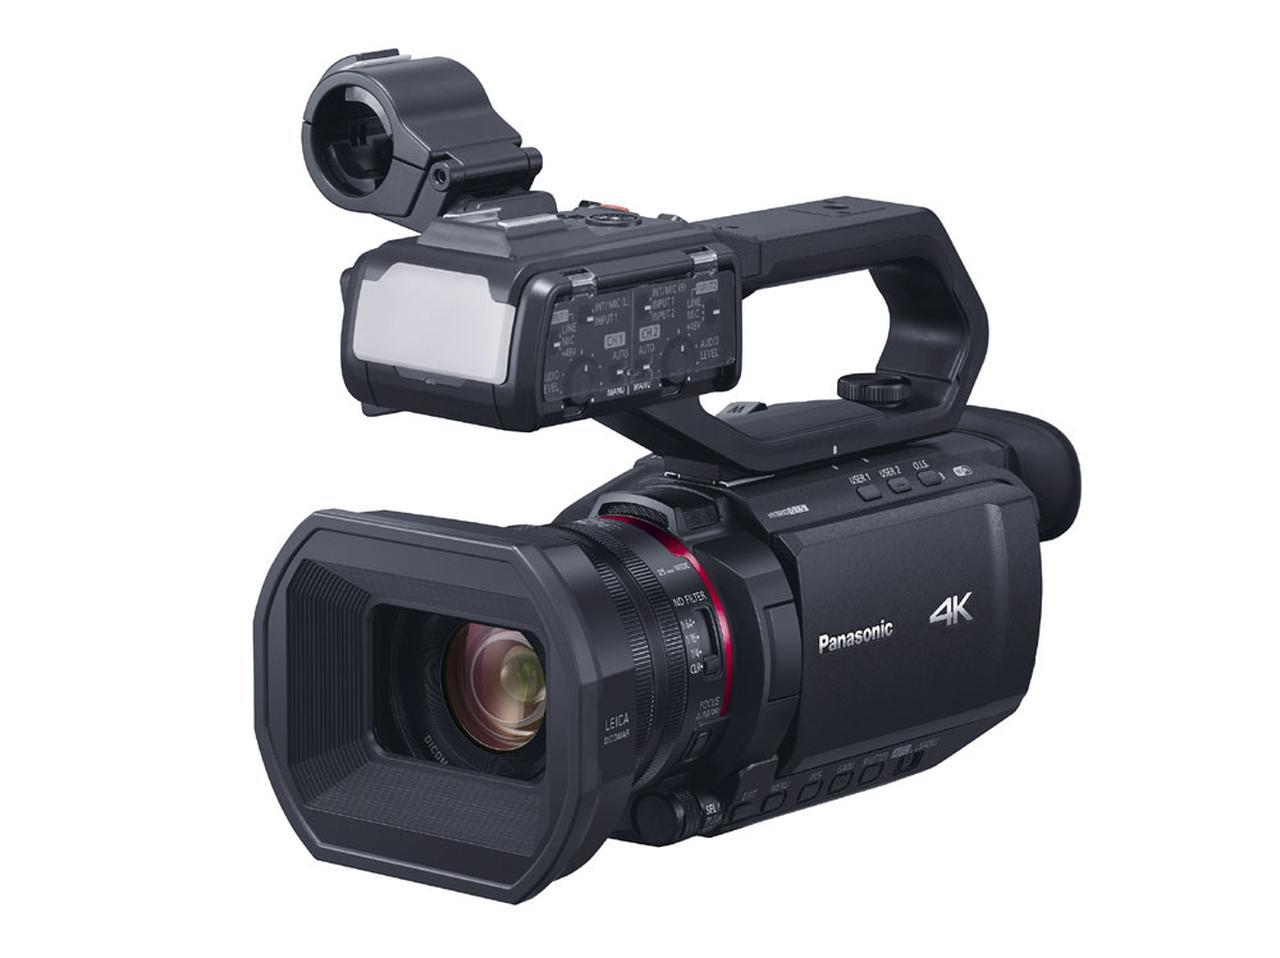 画像: パナソニック、4K/60p映像の撮影が可能なデジタル4Kビデオカメラ「HC-X2000」「HC-X1500」を3月19日に発売 - Stereo Sound ONLINE